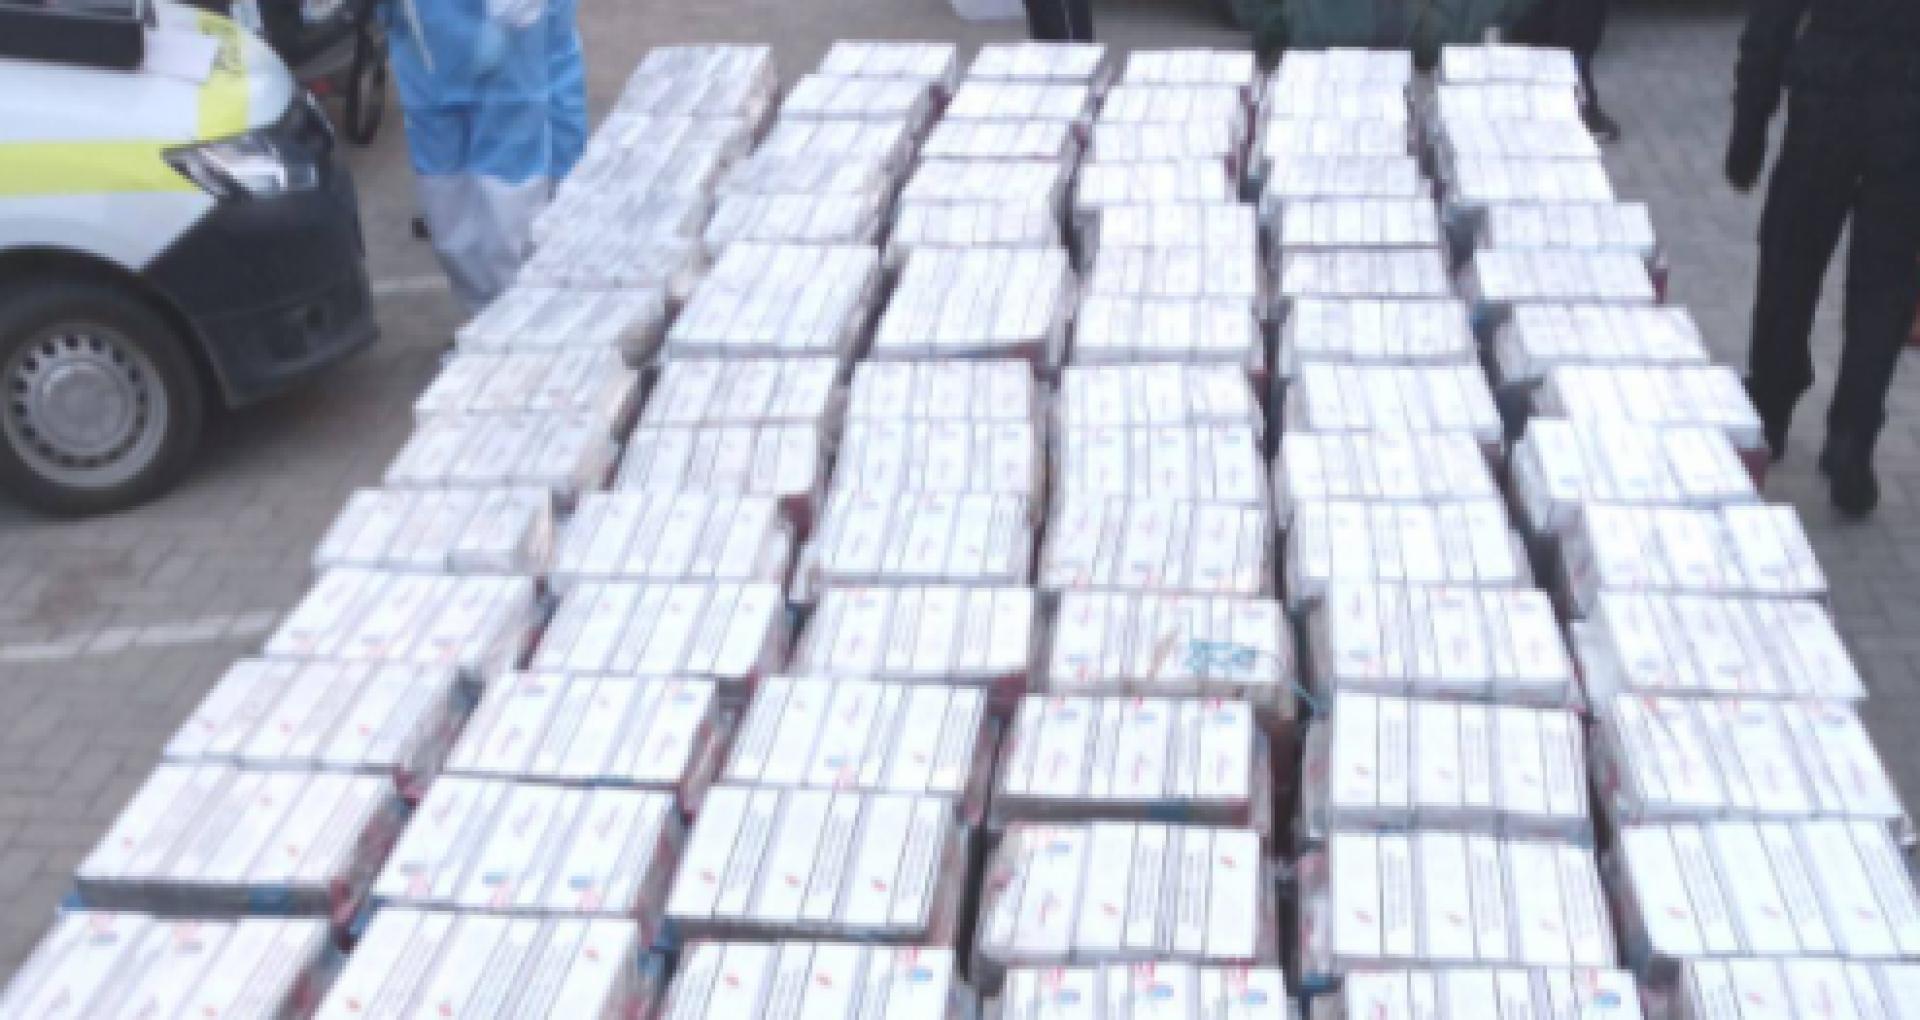 Cele șase persoane, care ar fi fost implicate în transportarea a 179 de cutii de țigări de contrabadă, arestate pentru 30 de zile